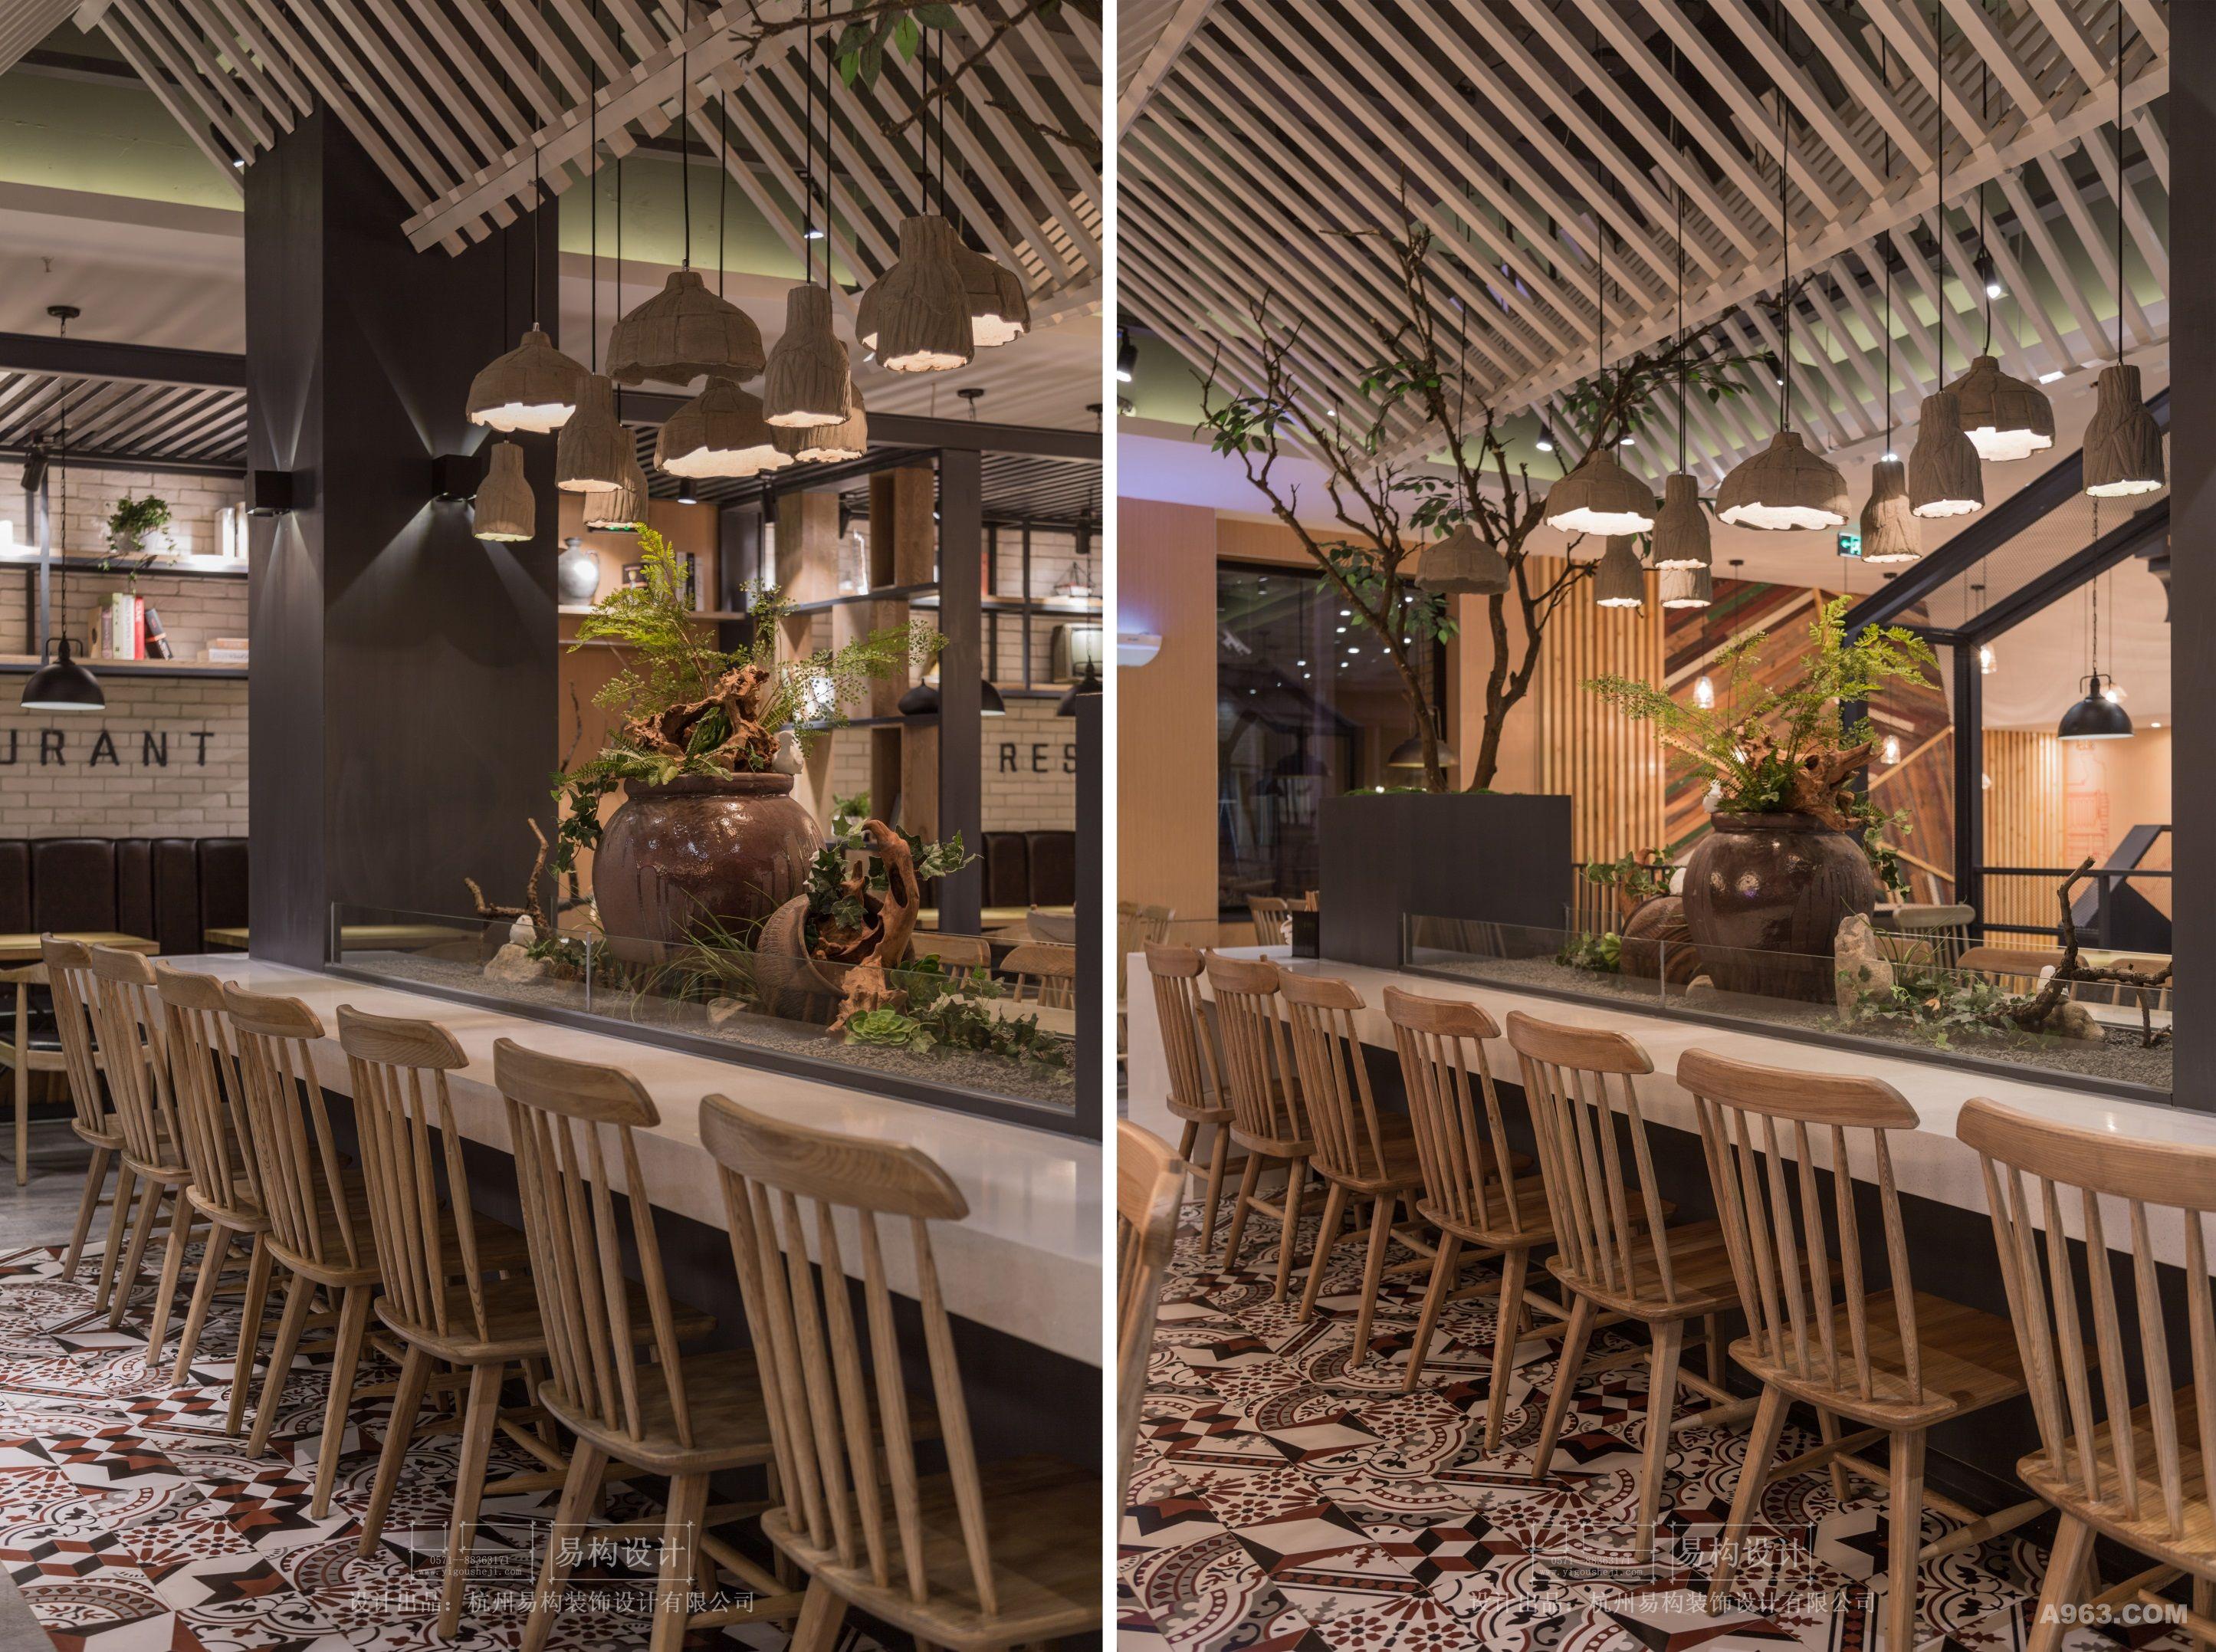 """项目名称:来餐厅—Lai Resaurant 项目地址:宁波市江东区中兴路(家乐福超市对面) 面积:420平米 完成时间:2015年12月 设计公司:杭州易构装饰设计有限公司 设计主创:王志洪 设计说明: """"来餐厅"""",看上去格调很高,但其实他只是一家中式快餐厅,是""""来必堡""""中式快餐厅的升级版概念店,然而业主与设计师却都想借此打破对传统中式快餐的固化认识,传递一种全新的餐饮文化信息。中式快餐厅也可以很有创意、也可以高大上、也可以很休闲。 以往的中式"""